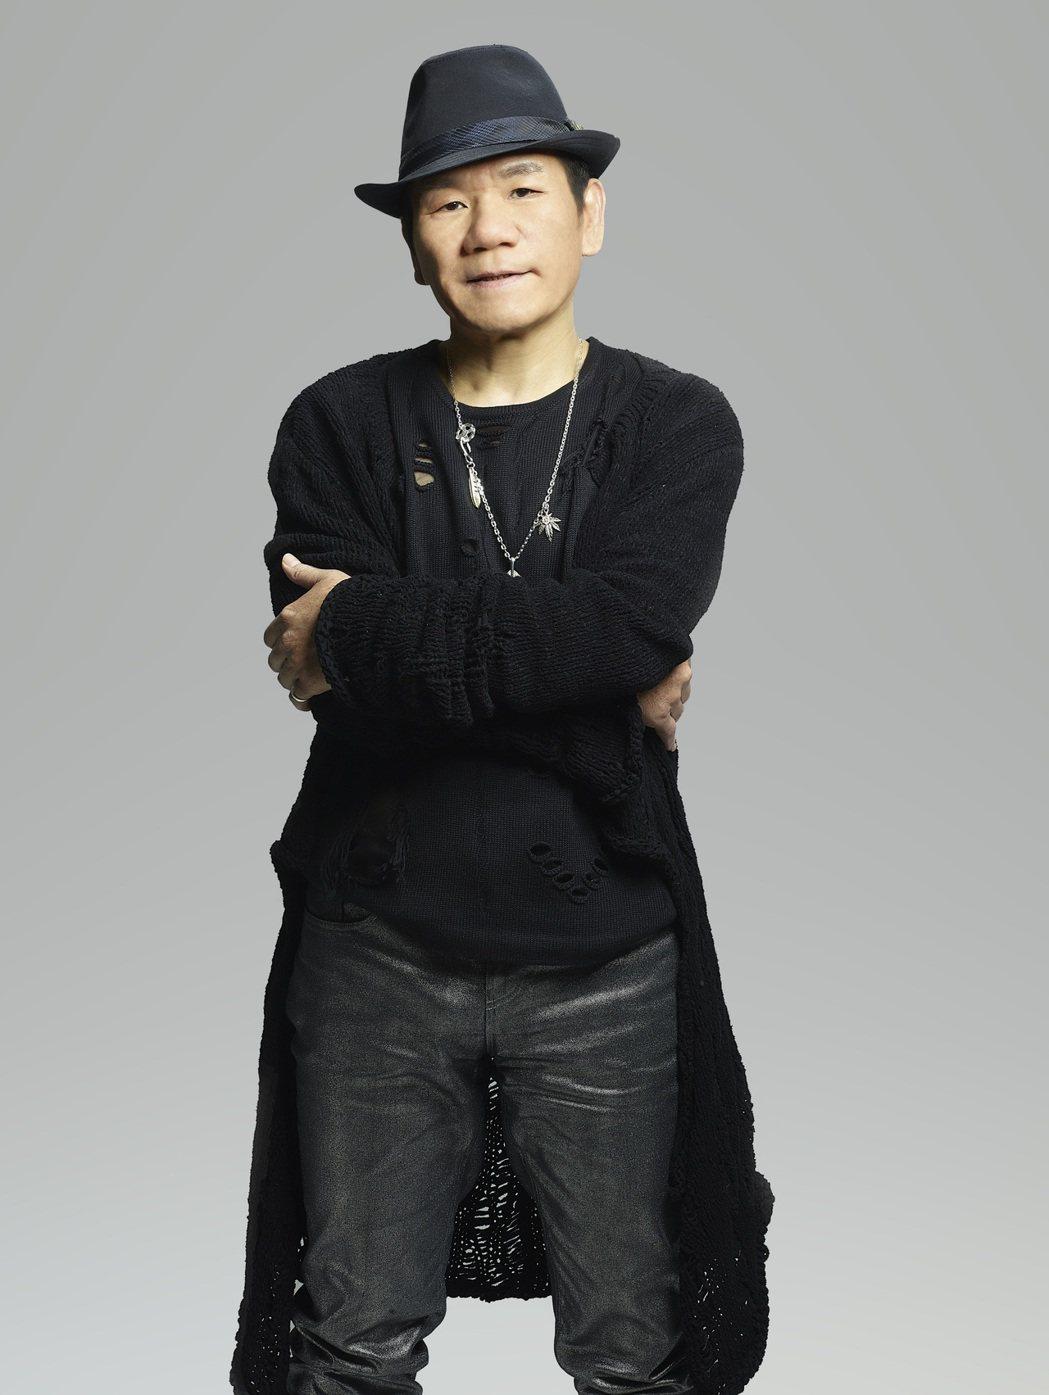 趙傳在7月31日的「人生大夢」演唱會恐受疫情影響延後。圖/旋風音樂提供